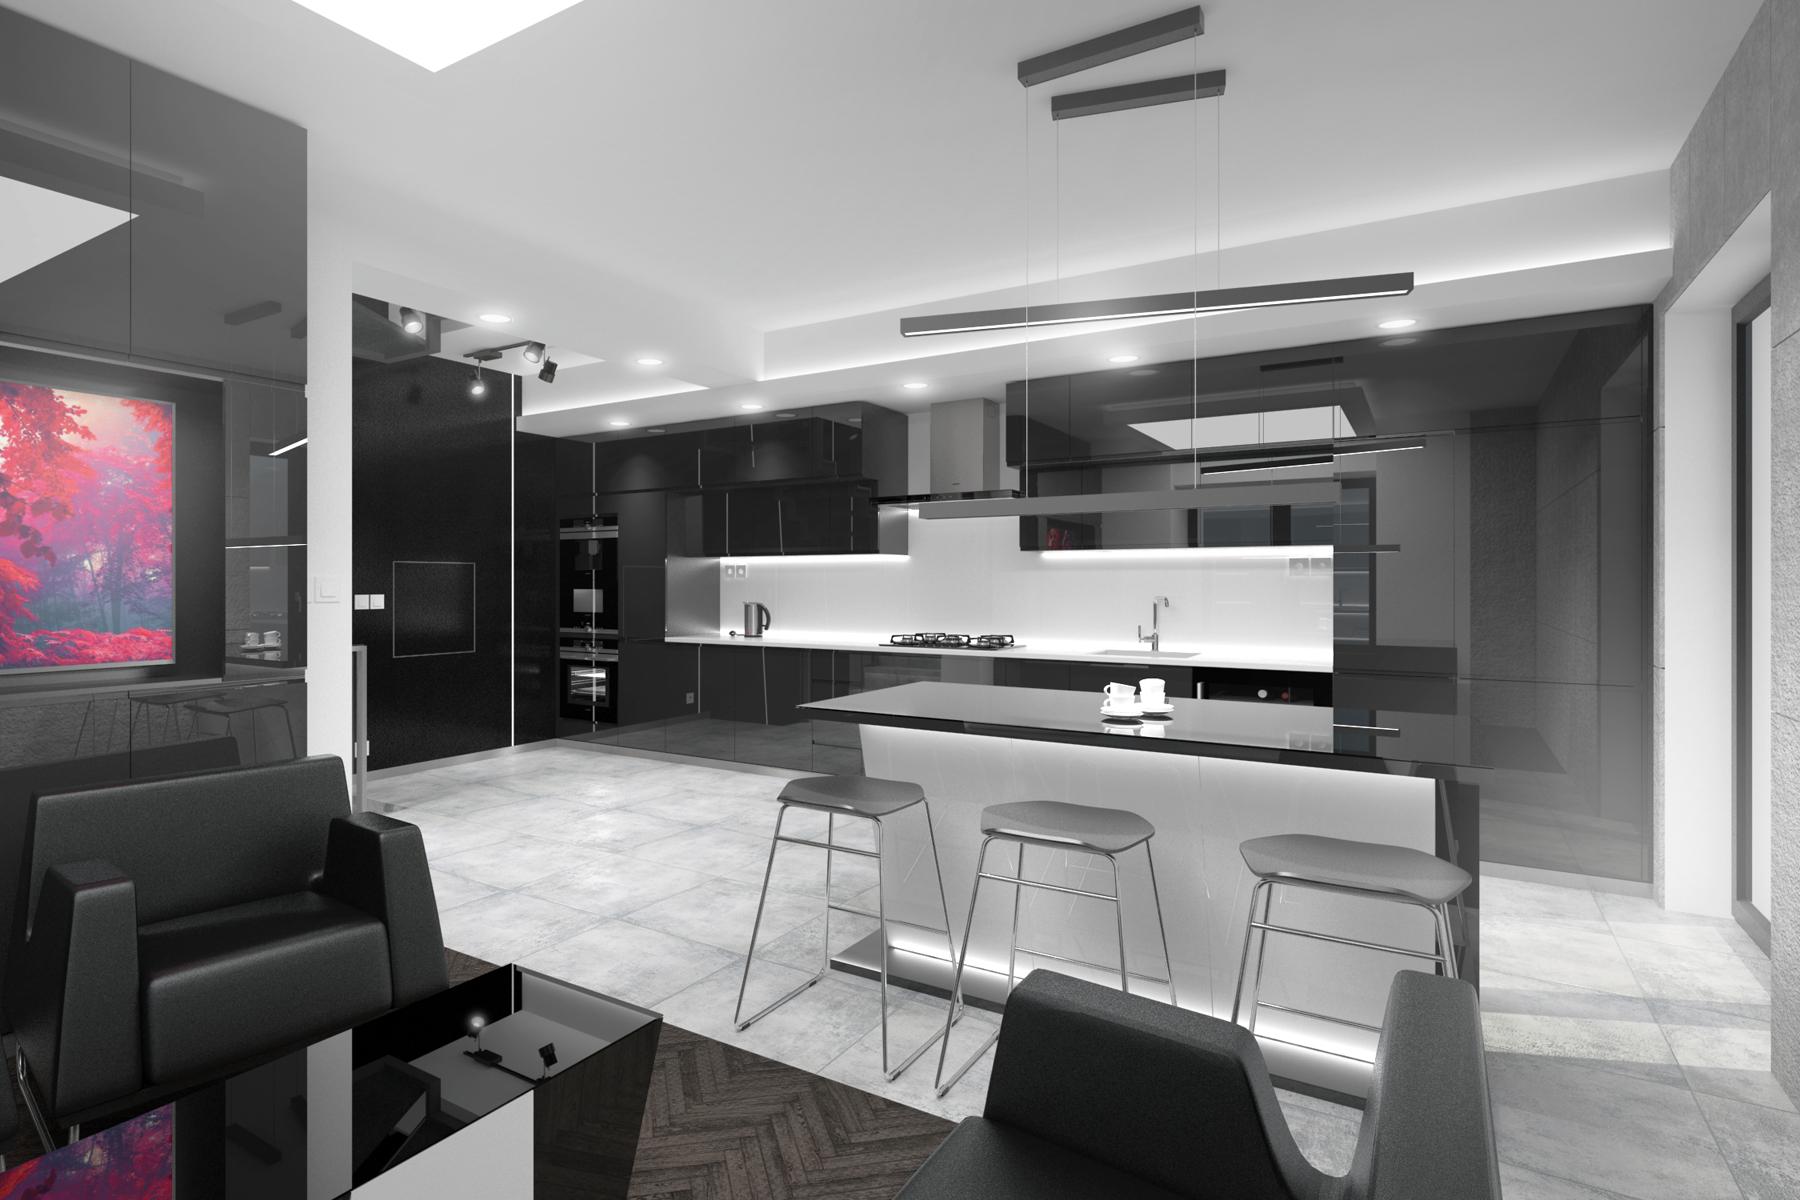 kuchnia - nowowczesne wnętrza domu